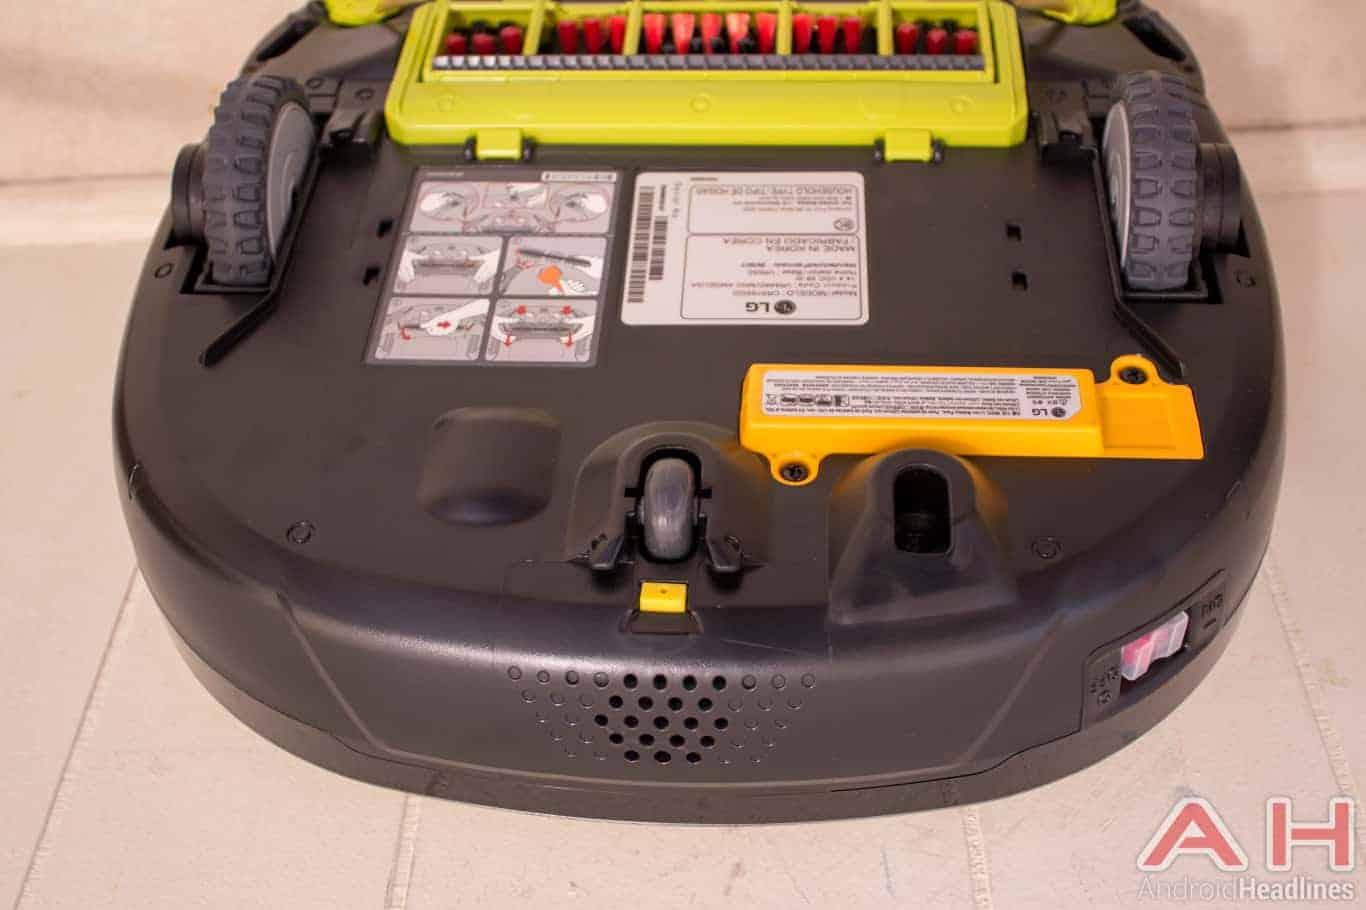 LG HomBot Turbo Plus AH NS 08